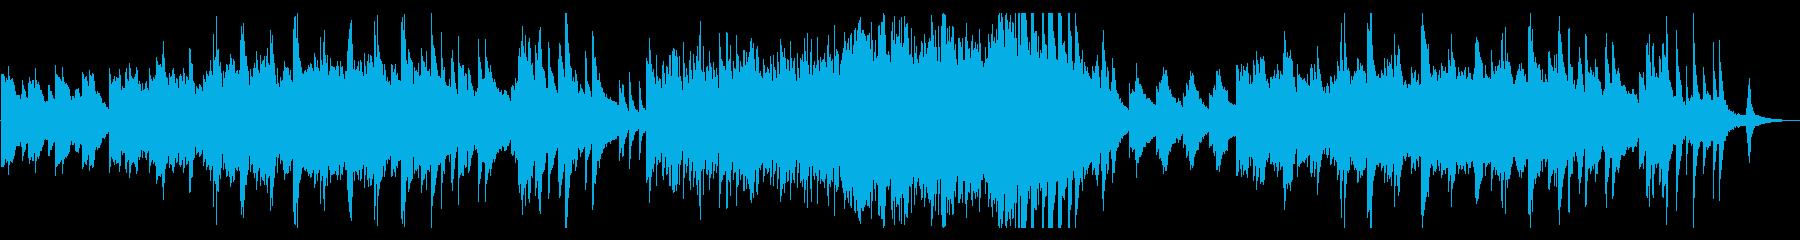 ピアノメインのニューエイジ風ゆったり曲の再生済みの波形